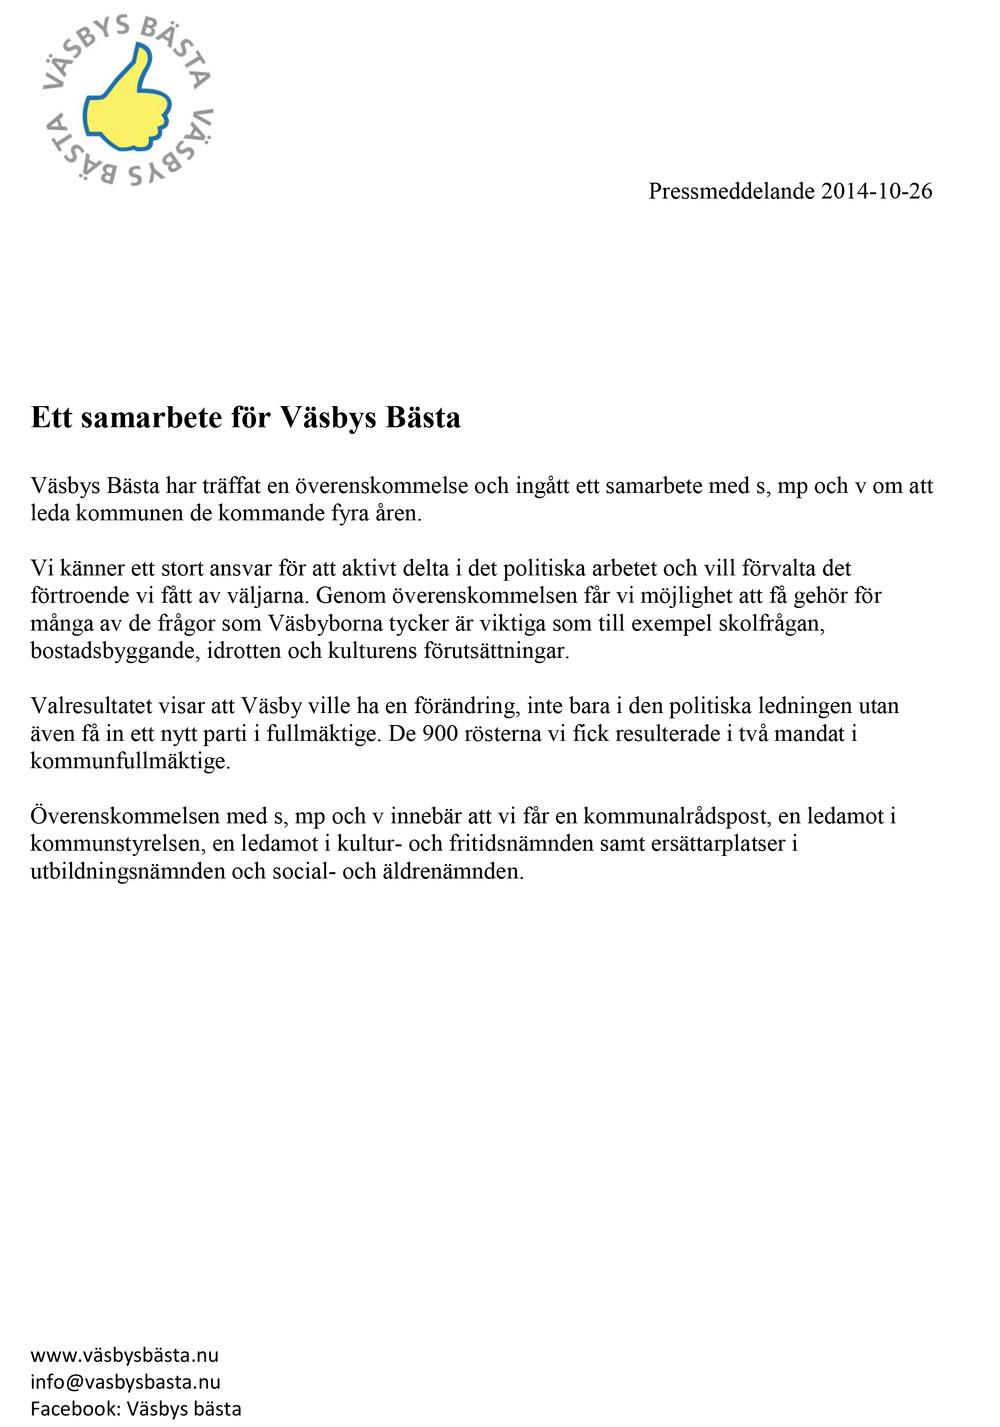 2014-10-26 Pressmeddelande Ett samarbete för Väsbys basta kopiera.png